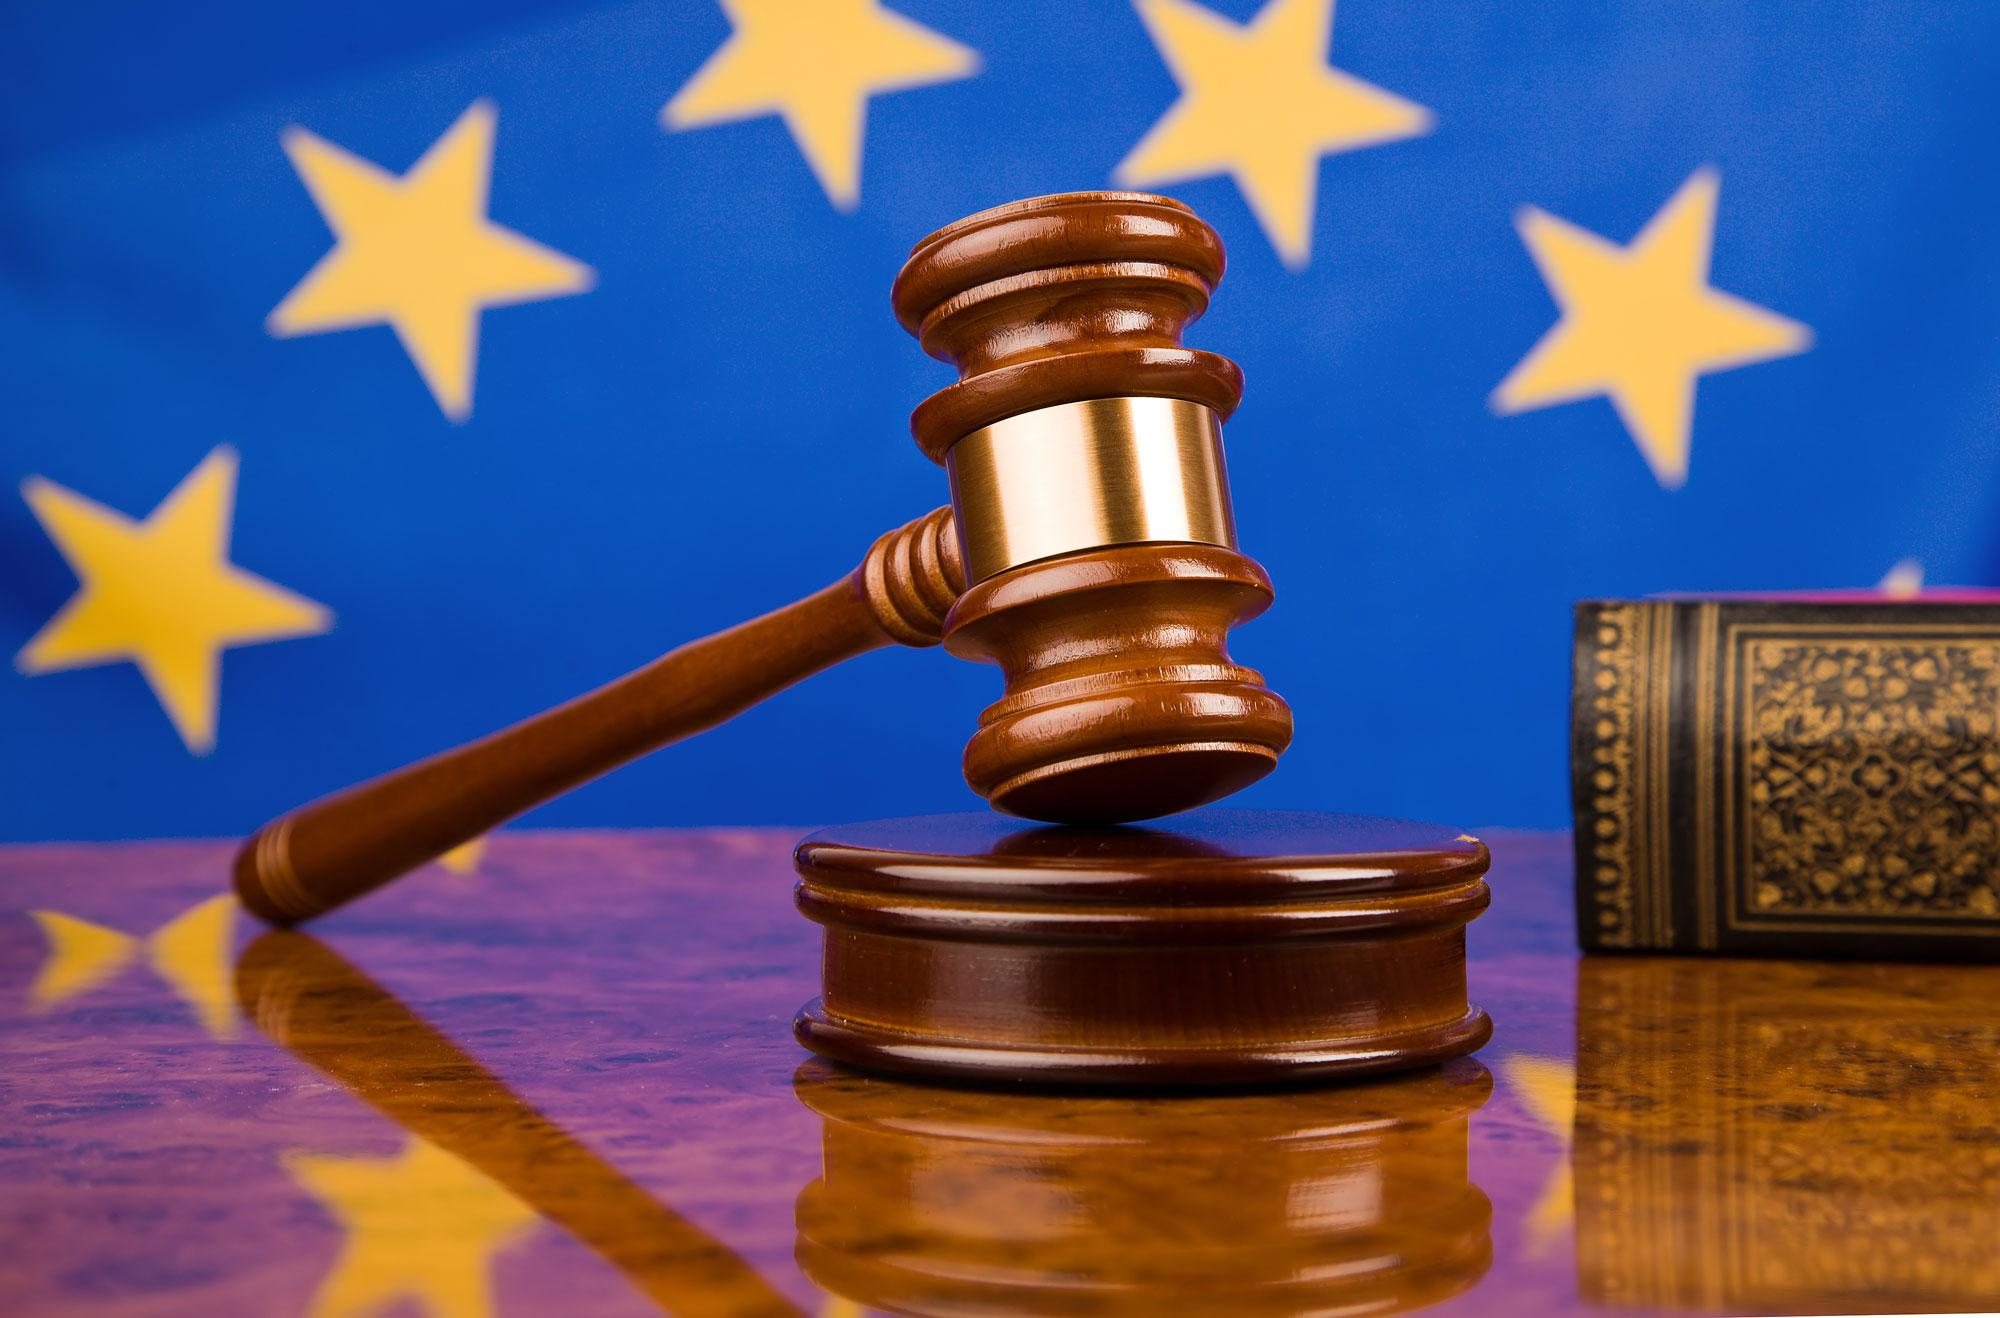 Η ΕΕ υποχρεώνει τον εμβολιασμό